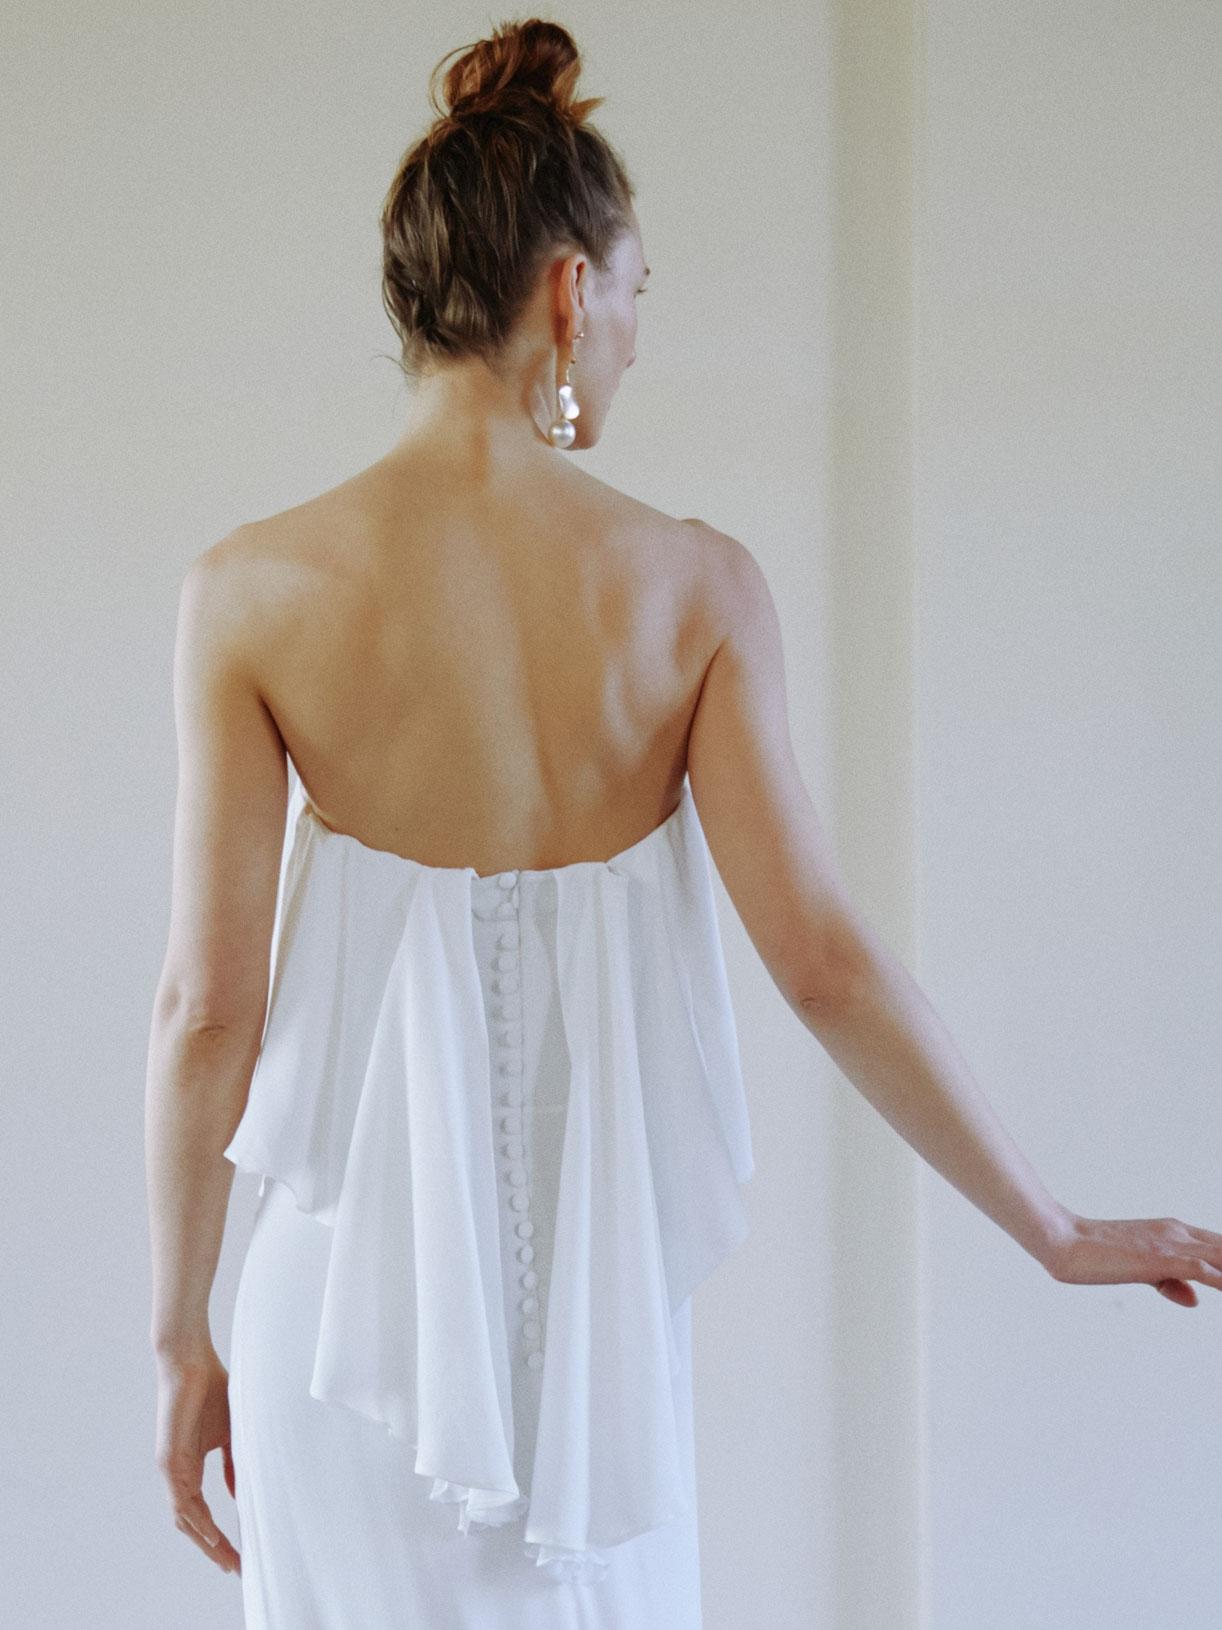 AMBRE - Robe de mariée longue sirène bustier - Créatrice de robes de mariée sur-mesure éthique et bio sur Paris - Myphilosophy